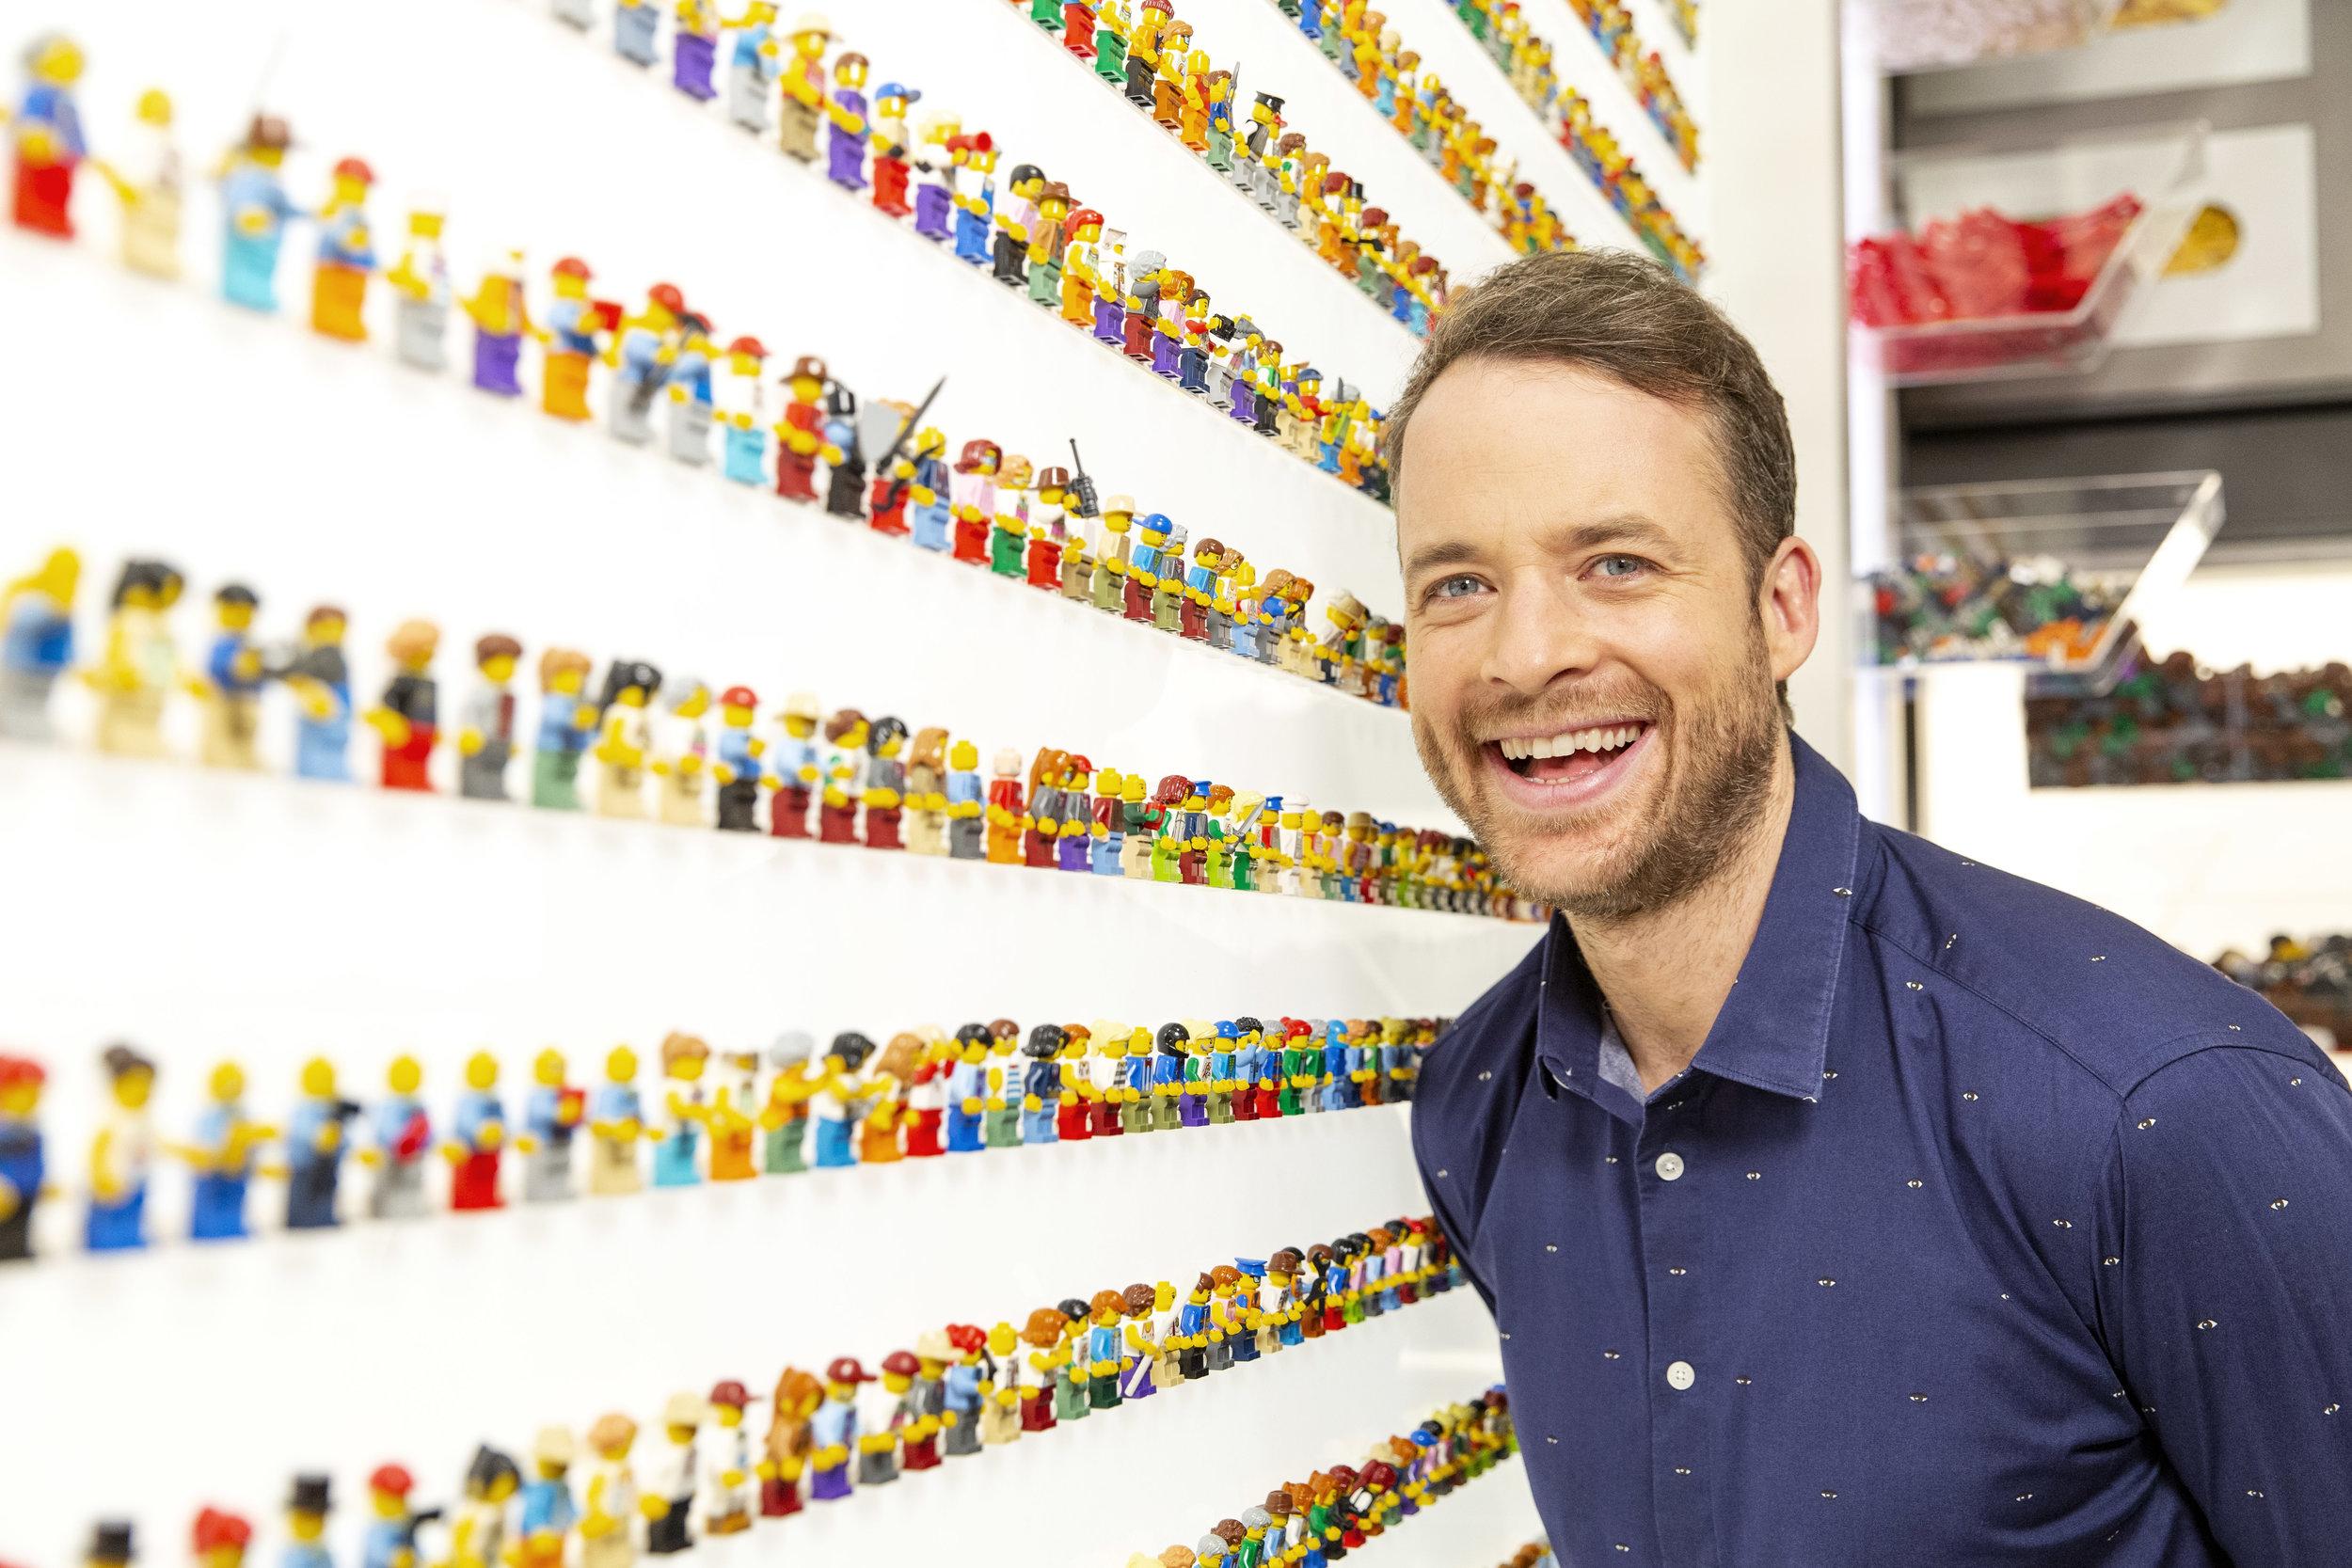 Hamish Blake hosts TV's #1 show LEGO MASTERS   PHOTO: Nine